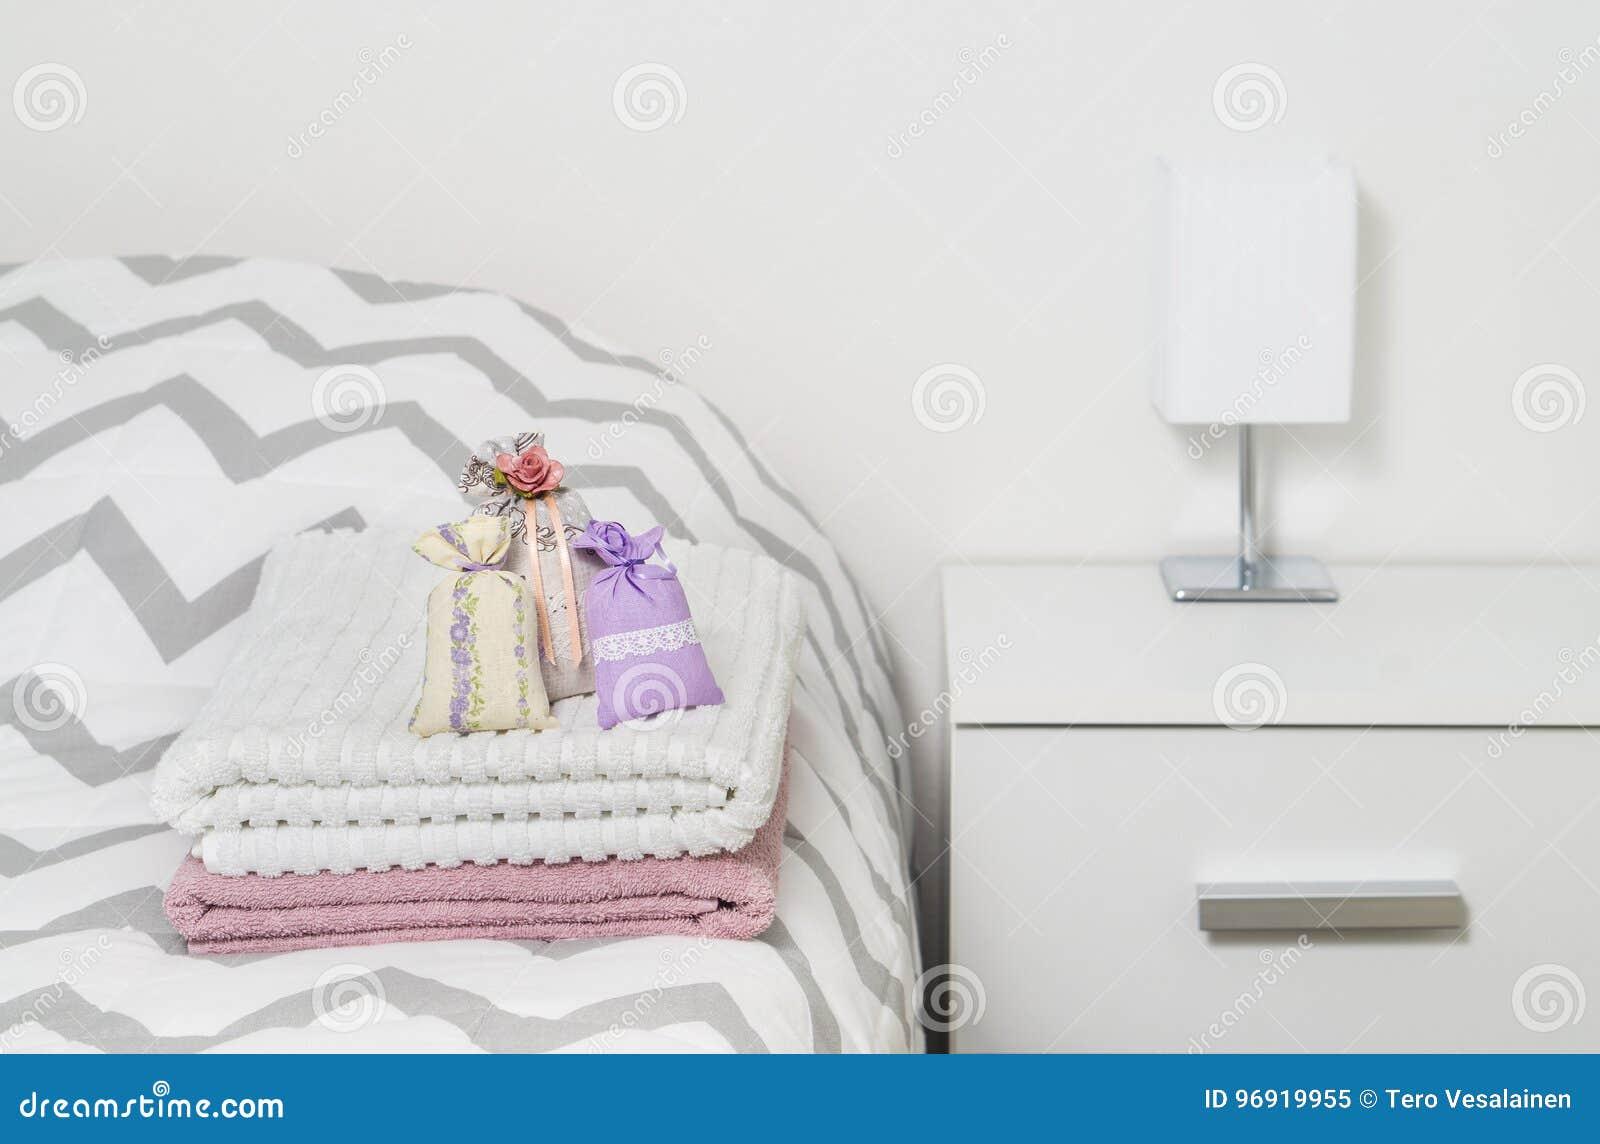 geurzakken op handdoeken op bed droge lavendel in decoratiezakken in slaapkamer geurige sachets voor comfortabel huis